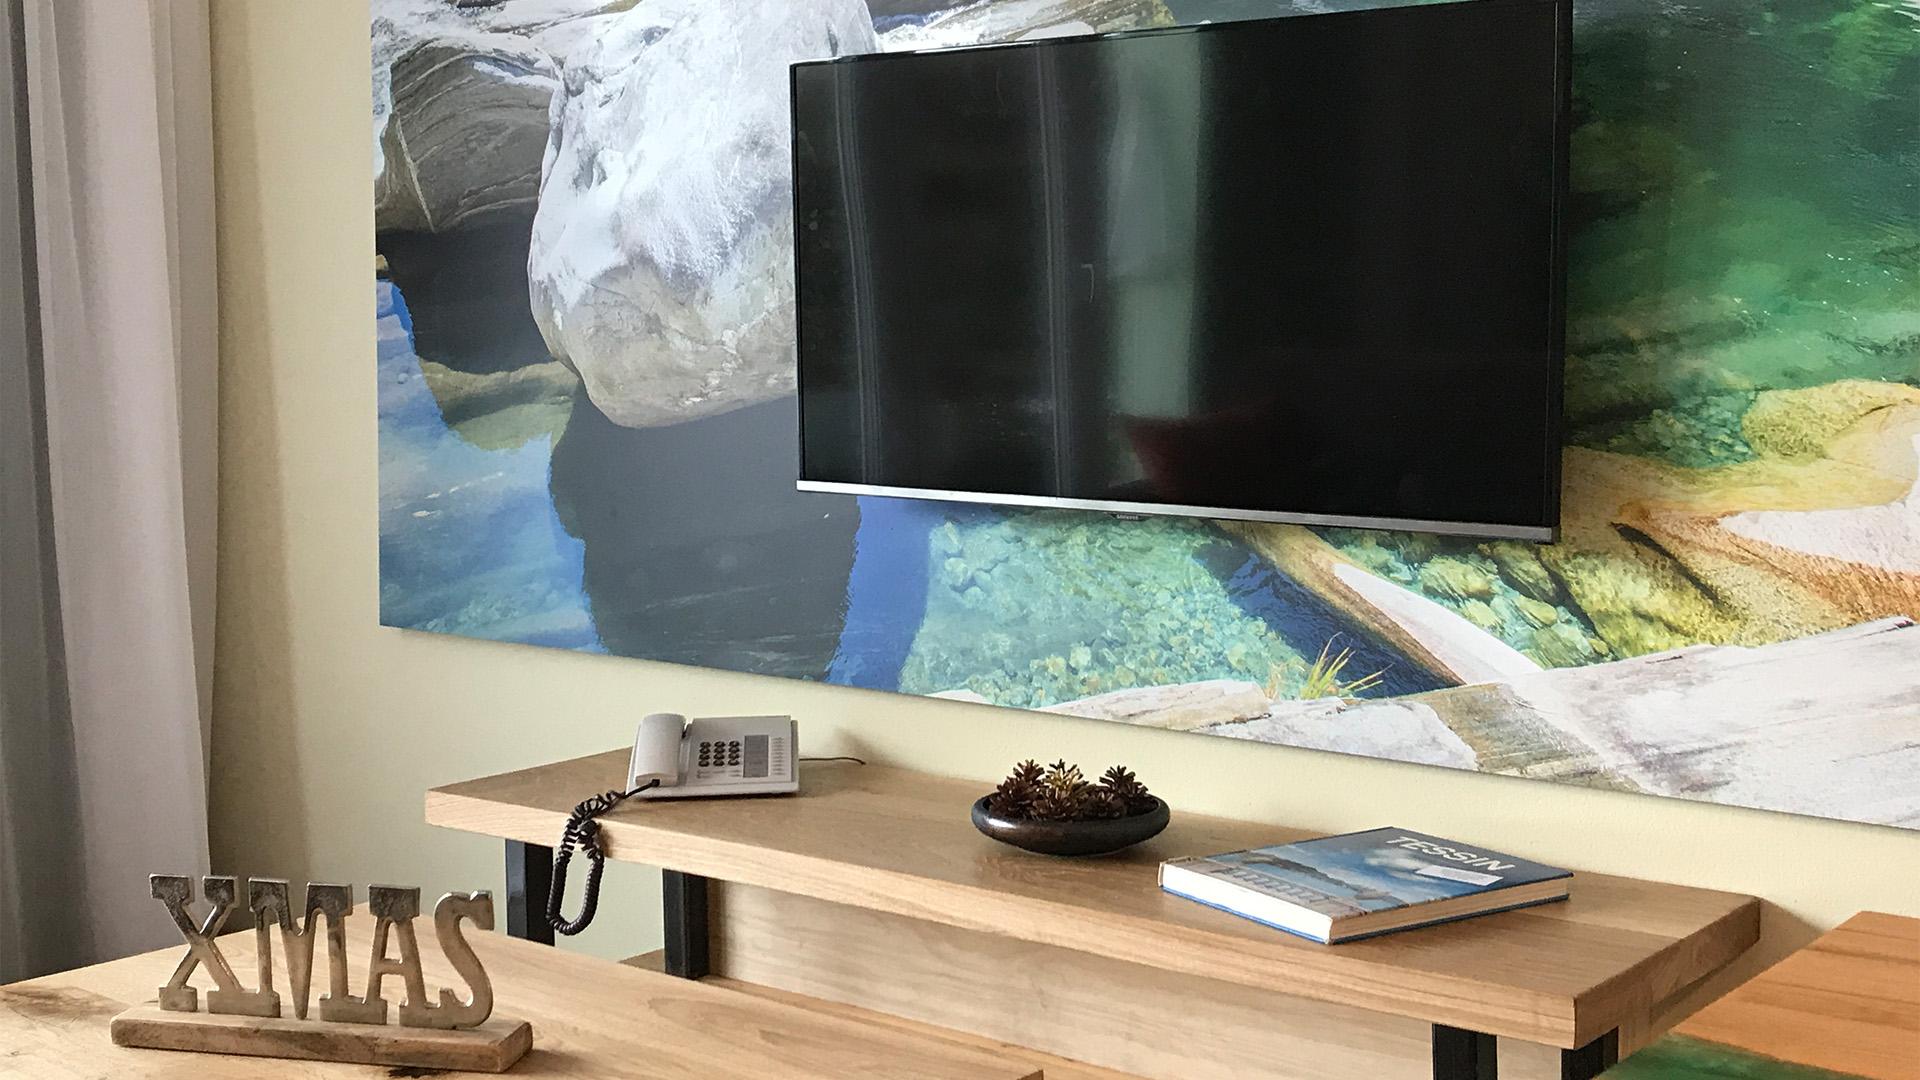 Grosser 55 Zoll LED Fernseher und gratis WiFi im gesamten Hotel.